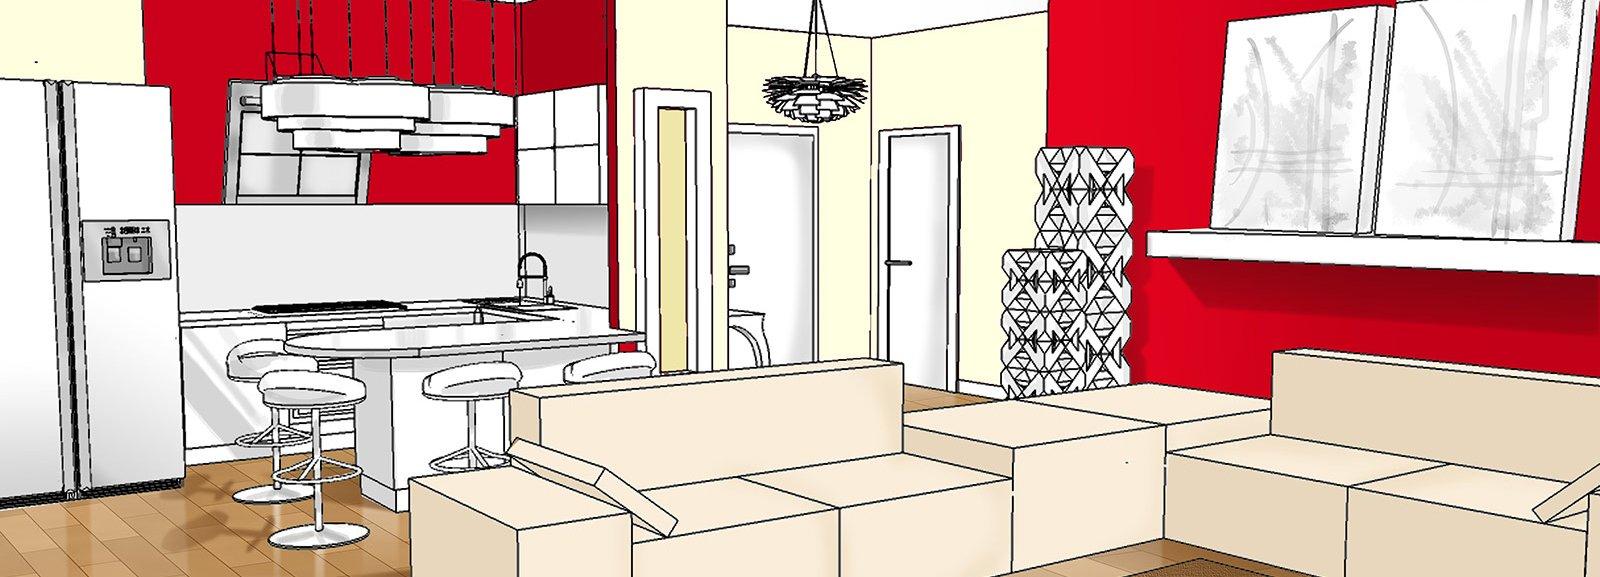 Ingresso aperto sul soggiorno idee da copiare cose di casa for Dipingere soggiorno idee